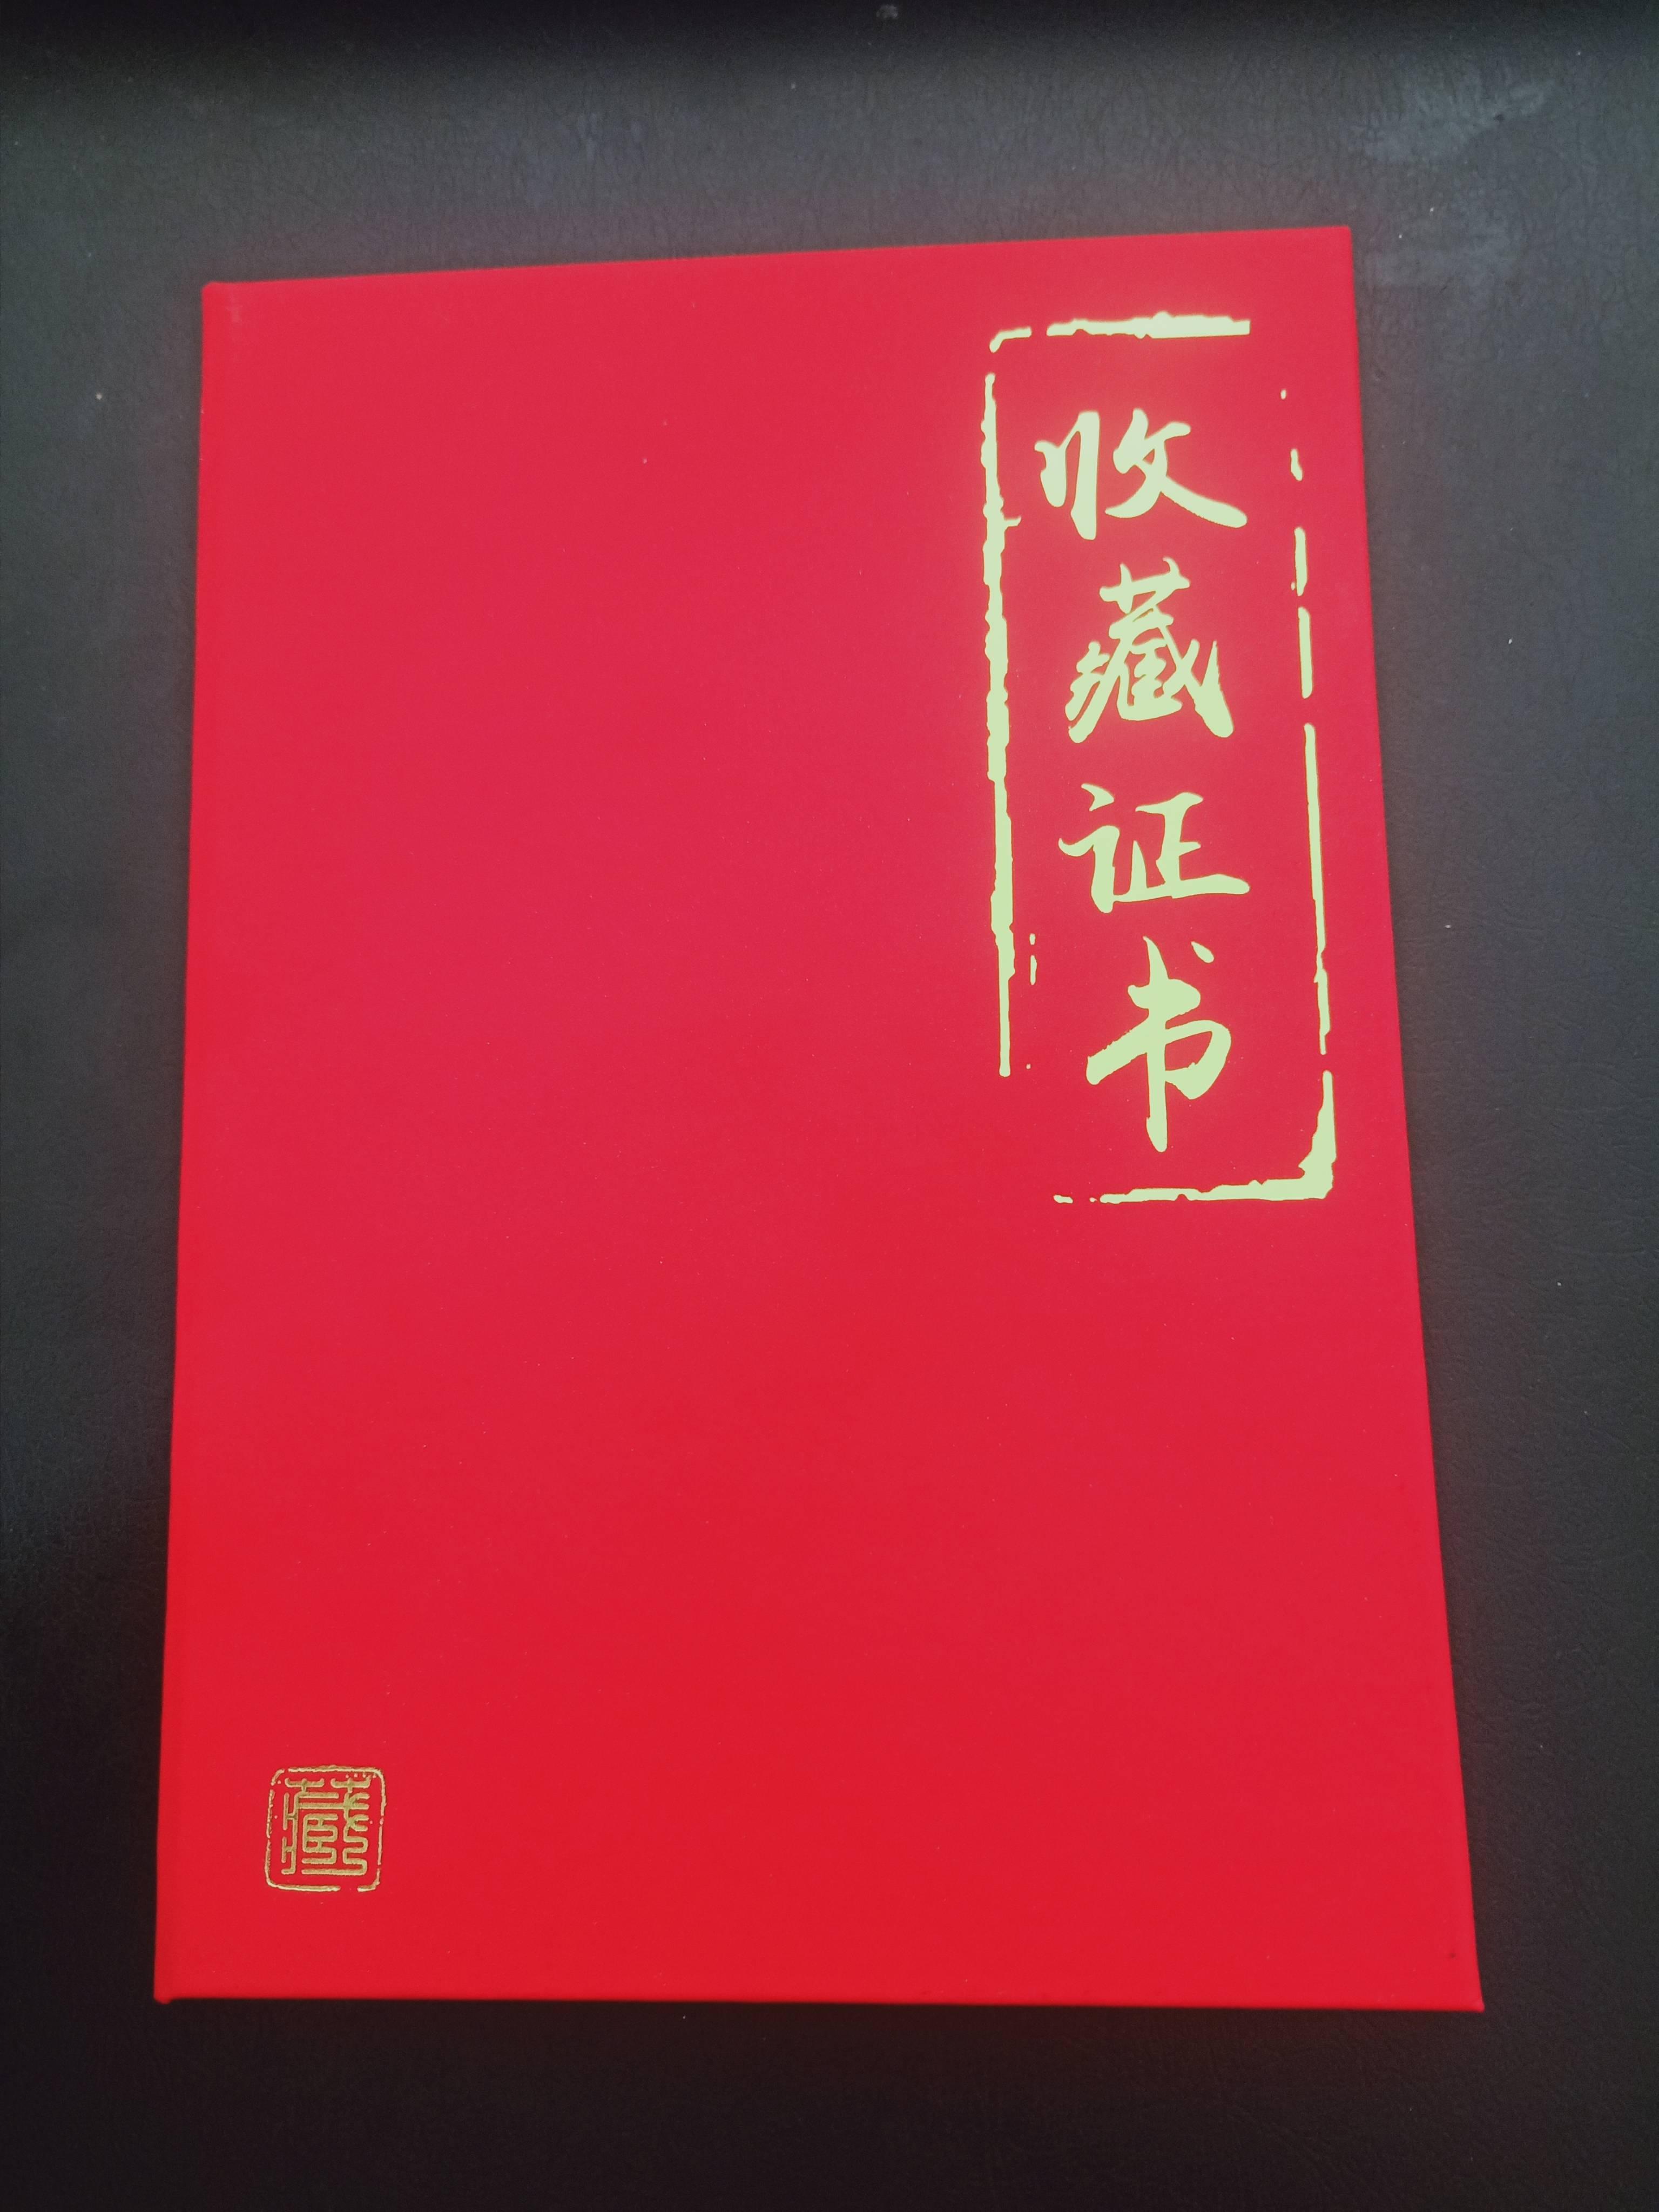 千家诗文化传媒的文化商标:【诗词百家】@【千家诗词】@【千家诗】